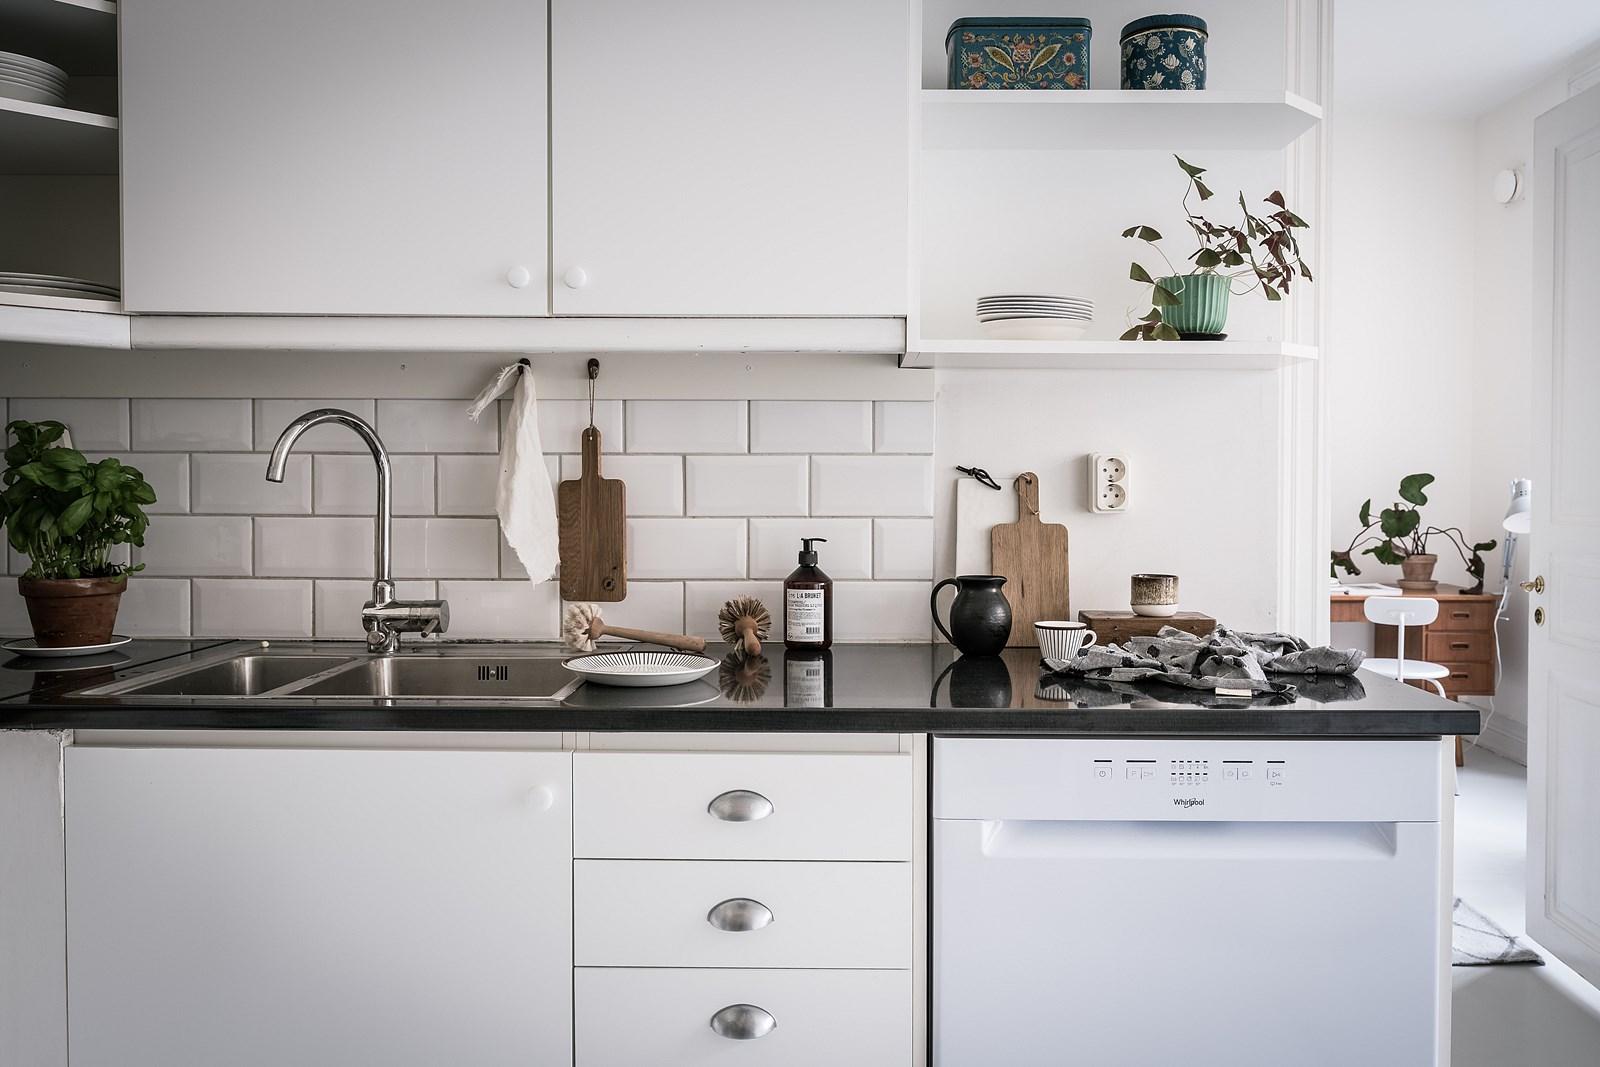 кухня столешница мойка смеситель плитка кабанчик